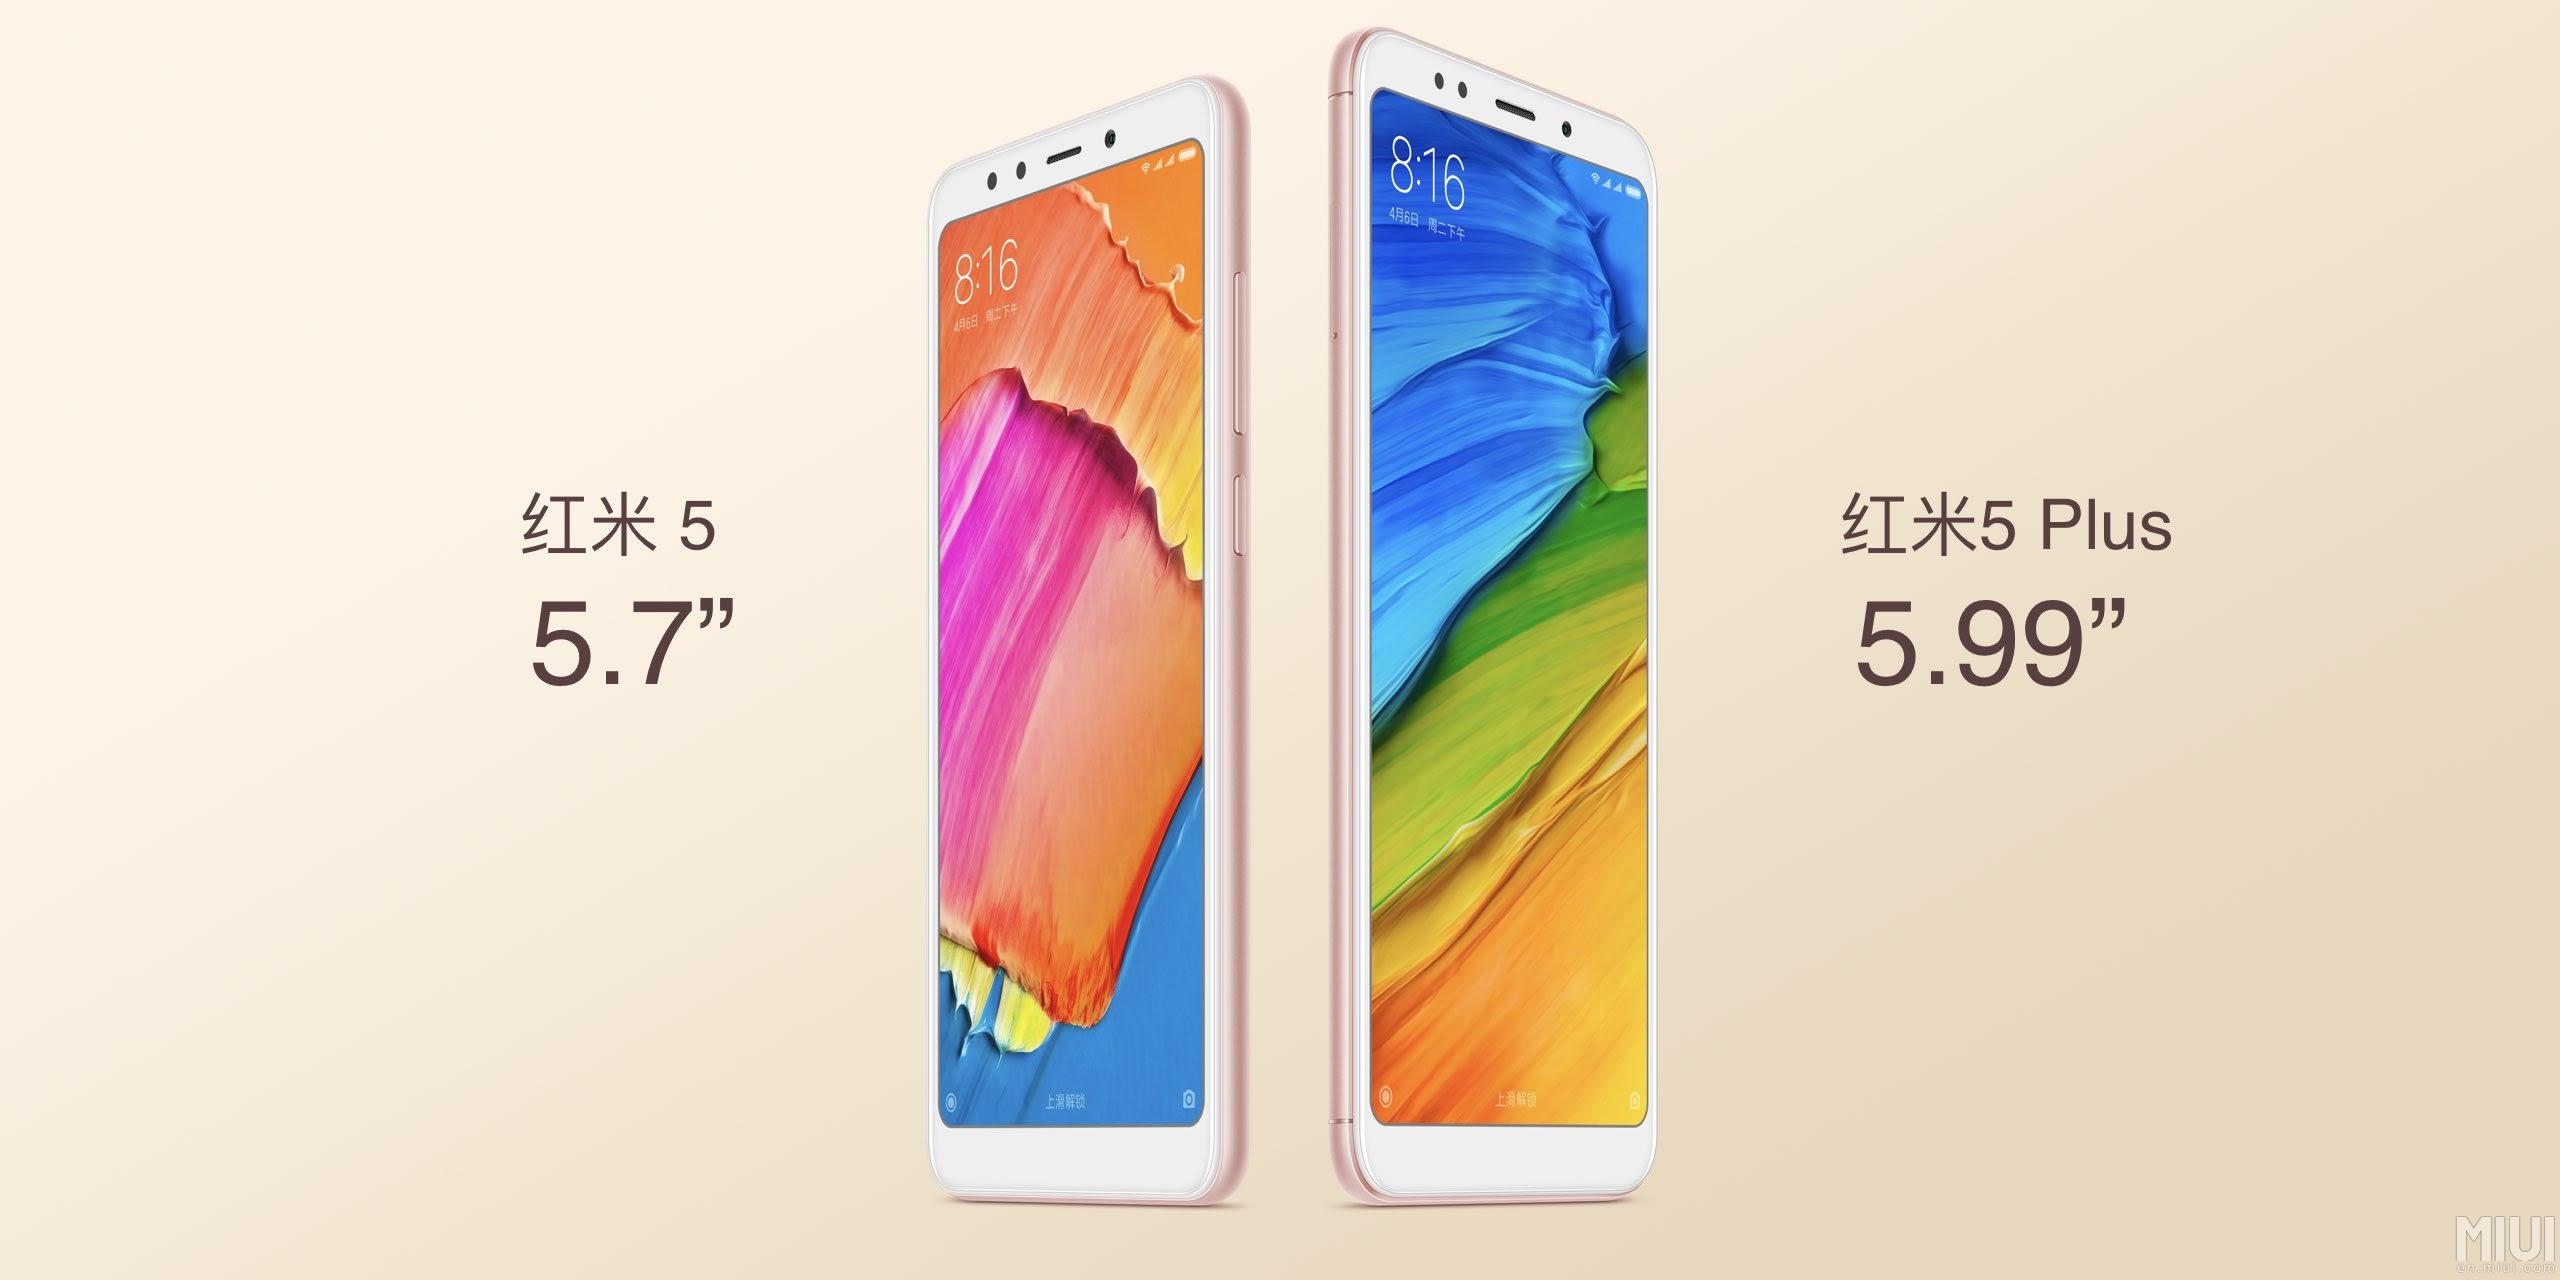 de614bbaea1 Ya los habíamos visto en fotos oficiales, y hoy por fin se presentan de  manera oficial. Los nuevos modelos de la gama Redmi de Xiaomi llegan con  una ...